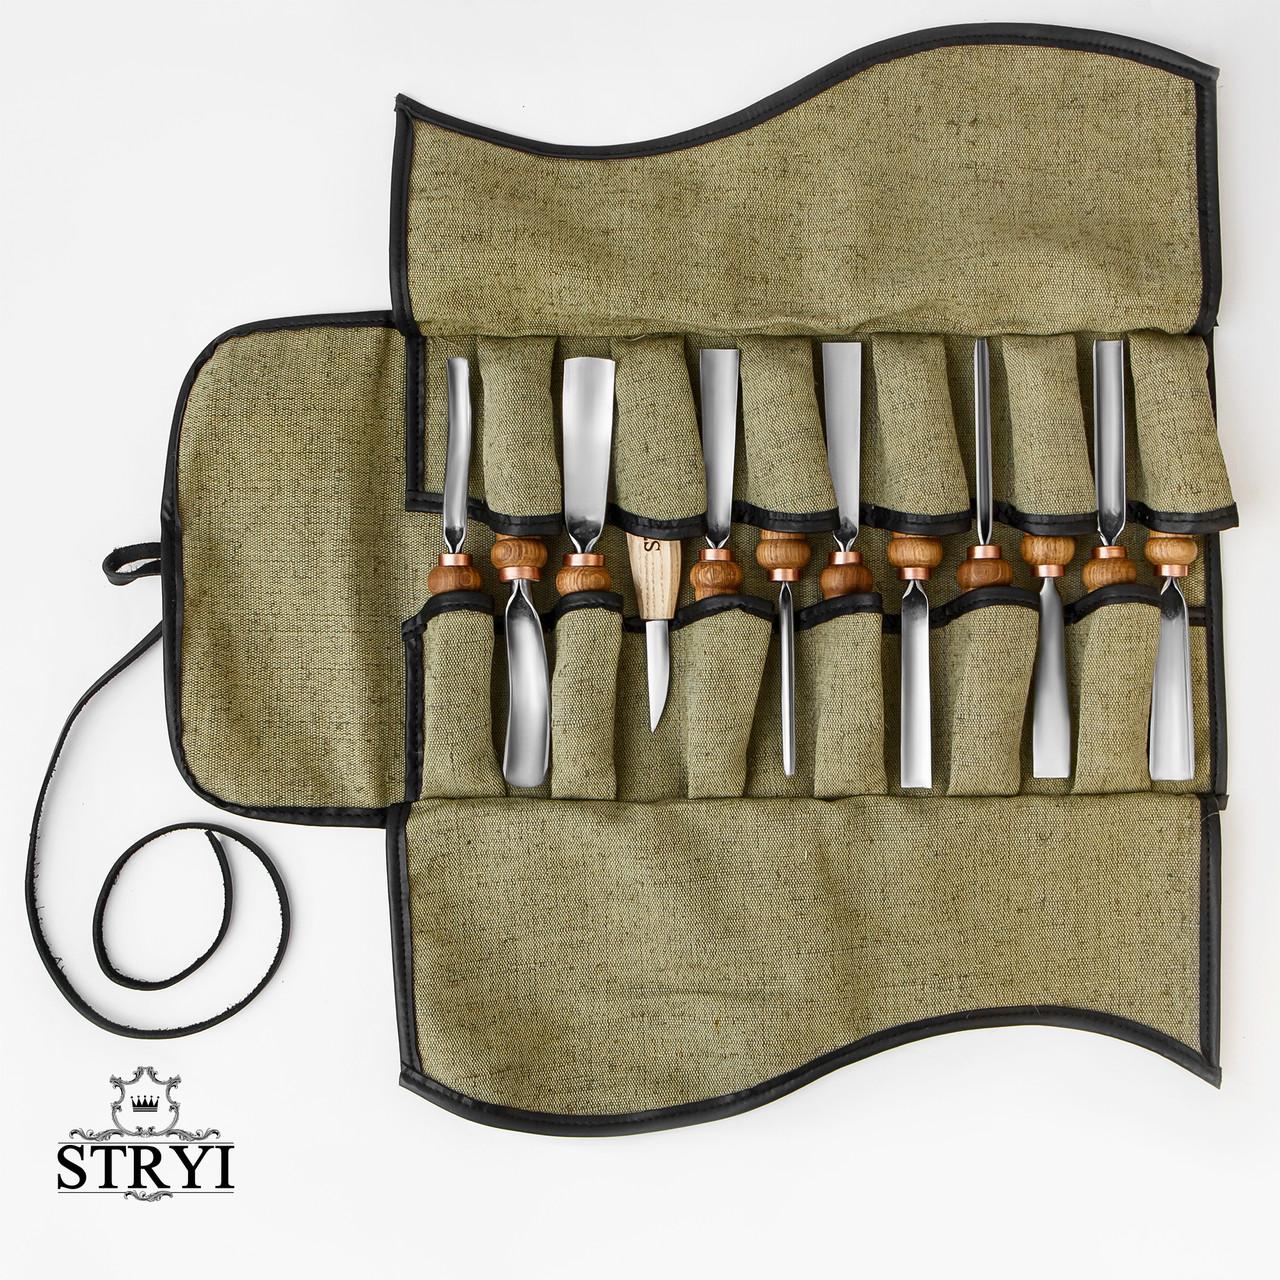 Afdekrol voor 12 beitels, van de fabrikant STRYI, foto 1